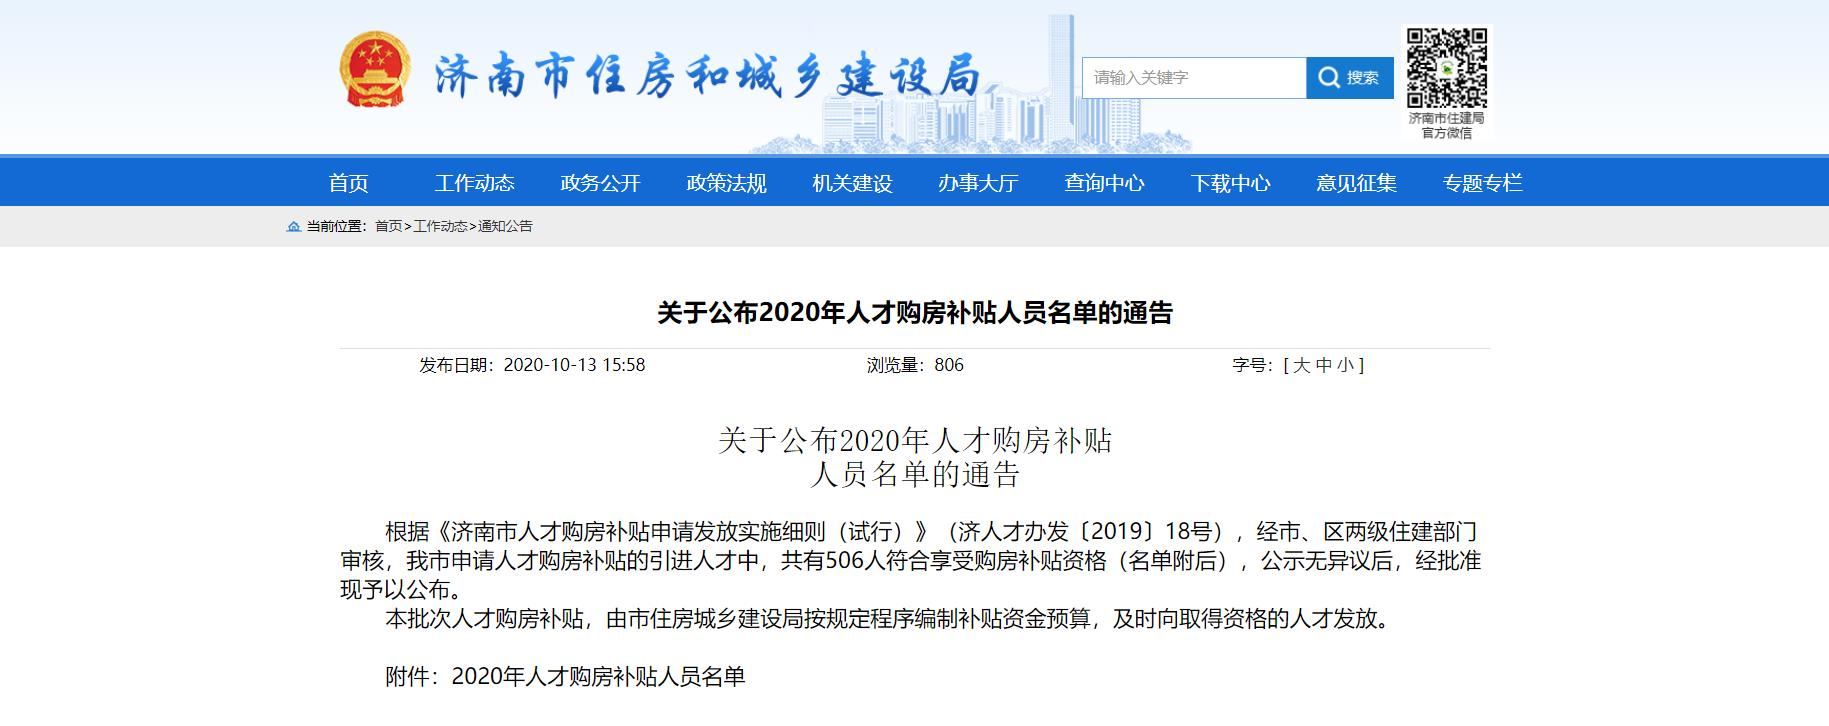 最高66.4万元!济南市认定506名引进人才购房可发放购房补贴-中国网地产